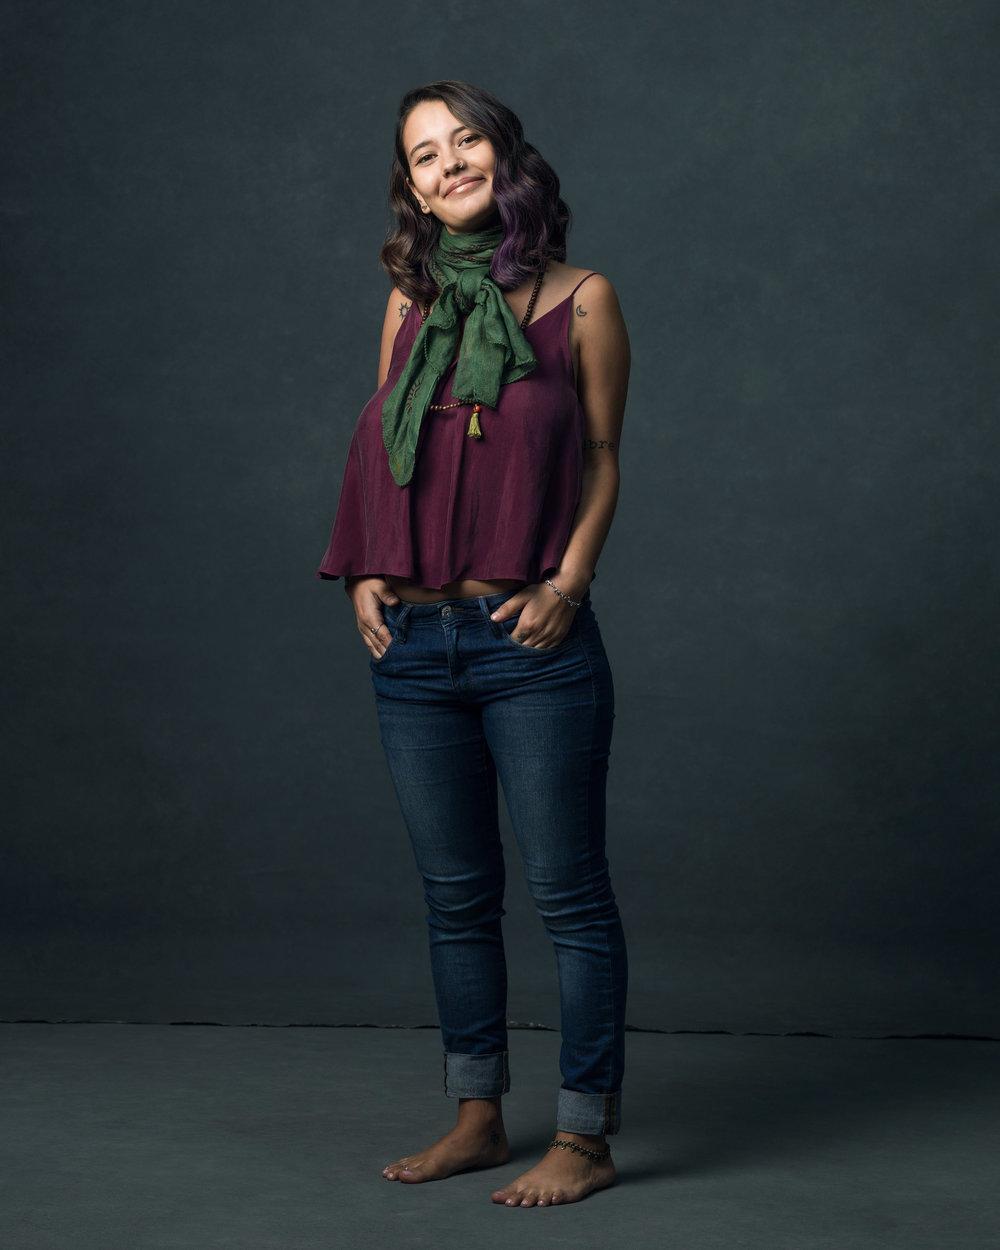 The Poetic Woman - Daniela Castillo in the Federica Top.